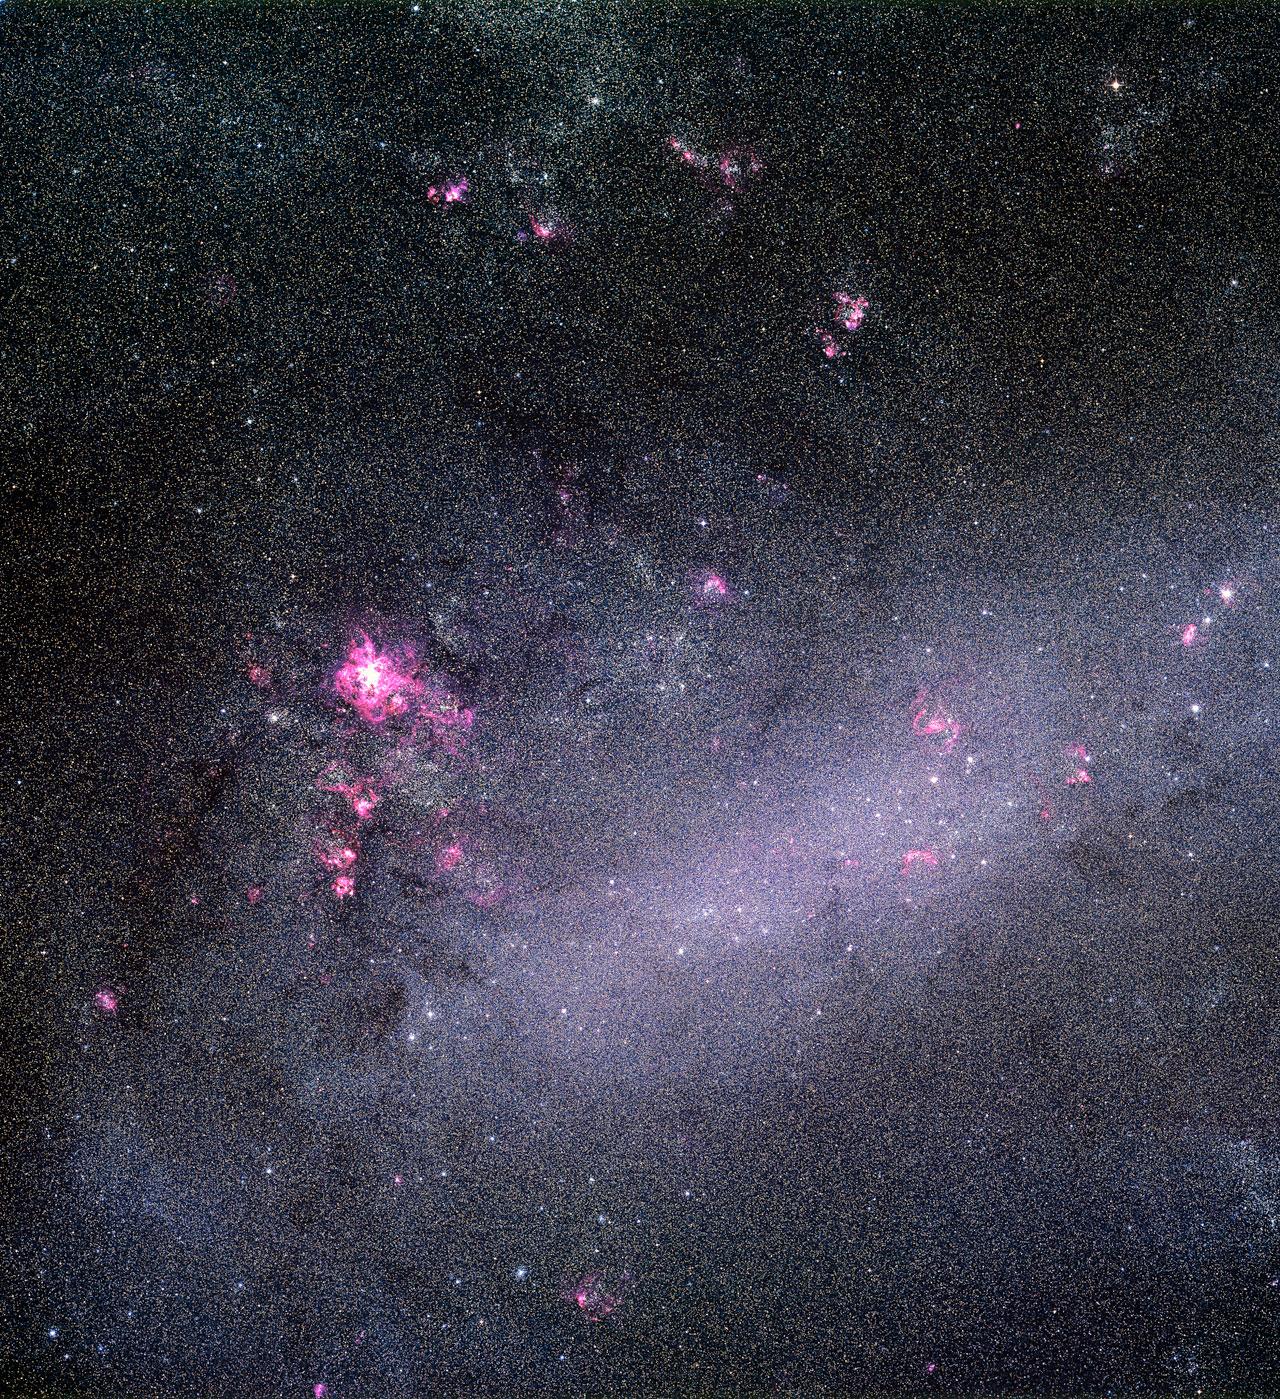 LMC Snapped by Schmidt Telescope